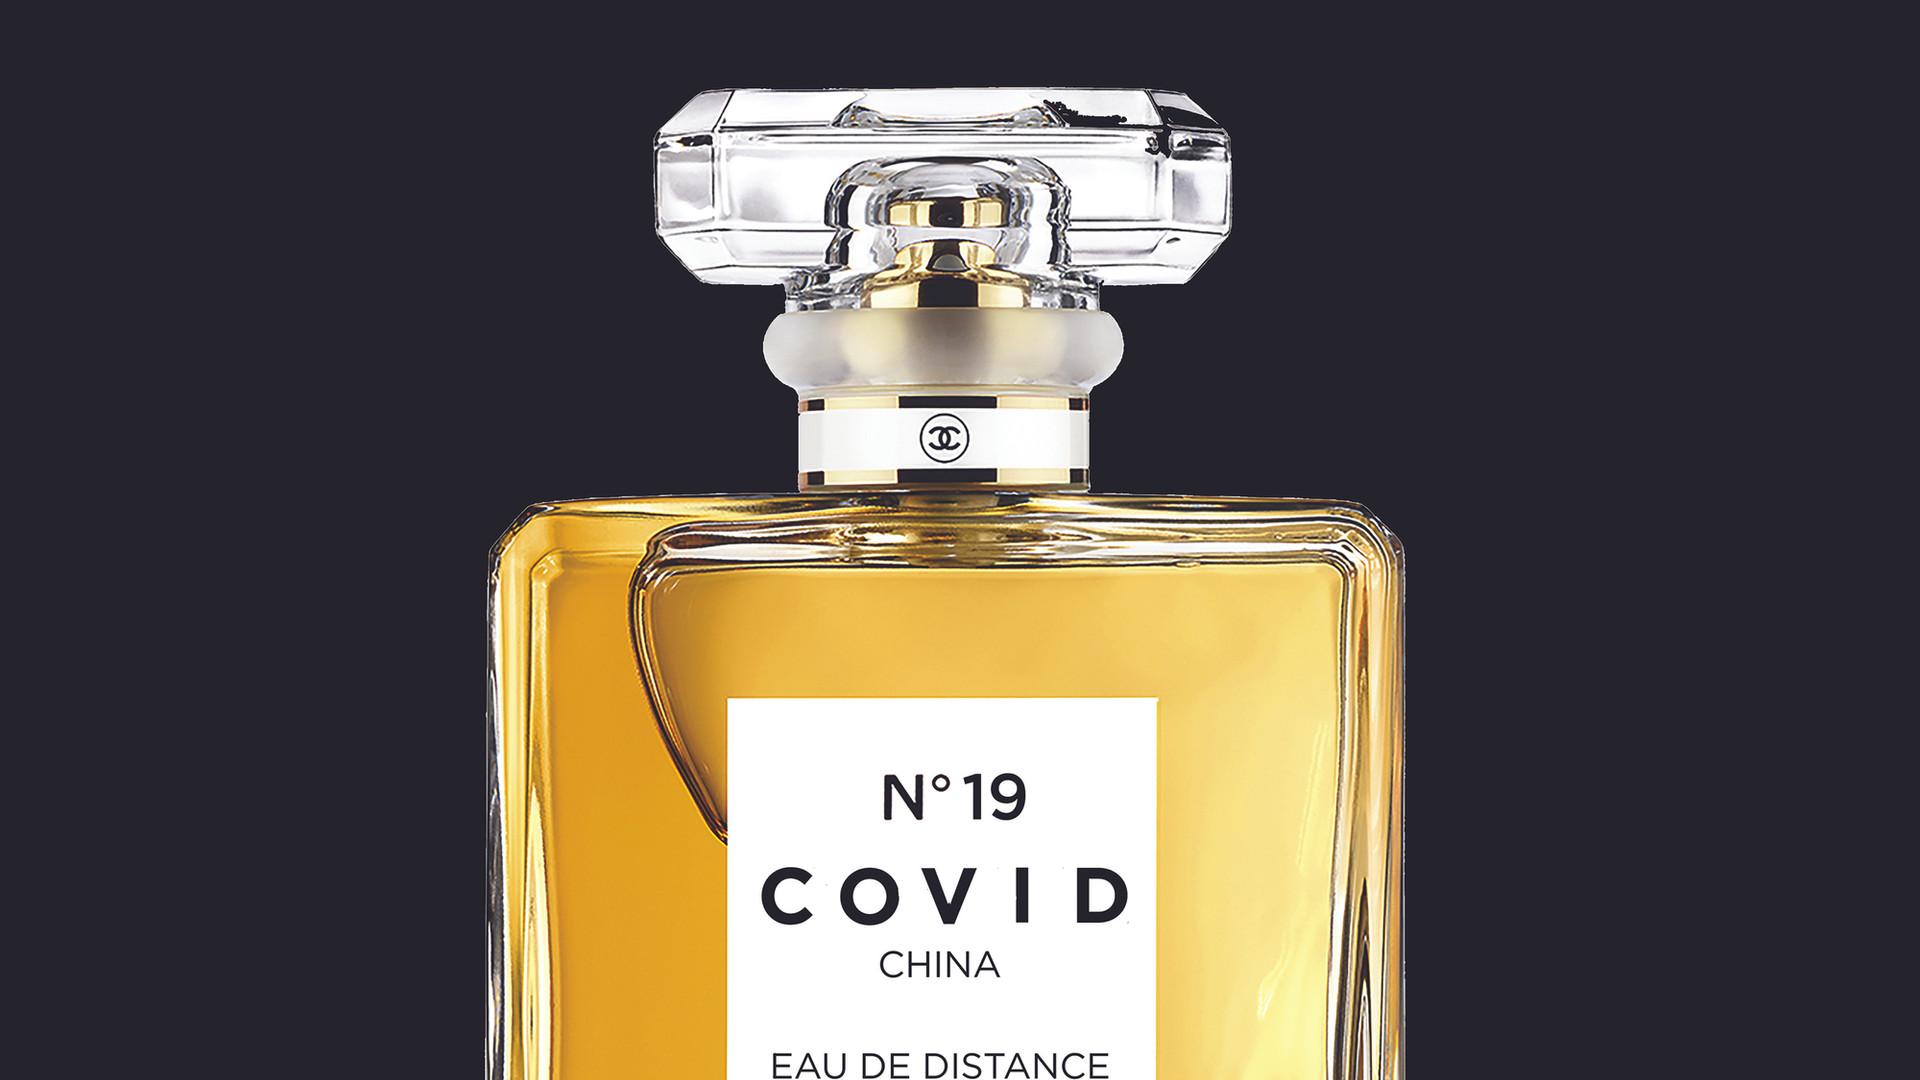 COVID No.19 EAU DE DISTANCE (Black)